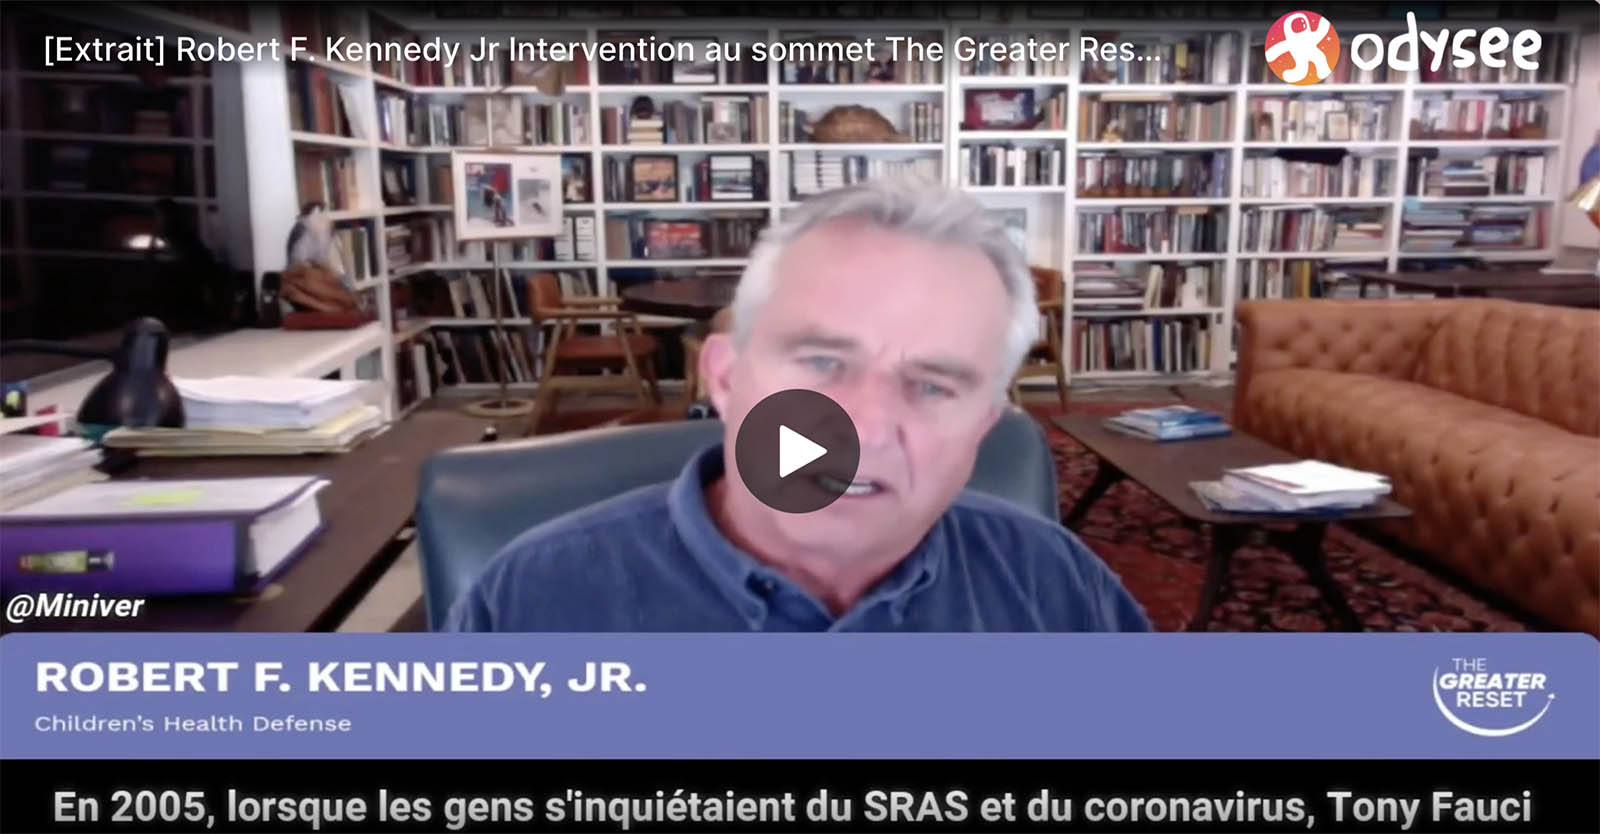 Intervention de Robert F. Kennedy, Jr. au sommet The Greater Reset – 24 mai 2021 [Extrait sous-titré]